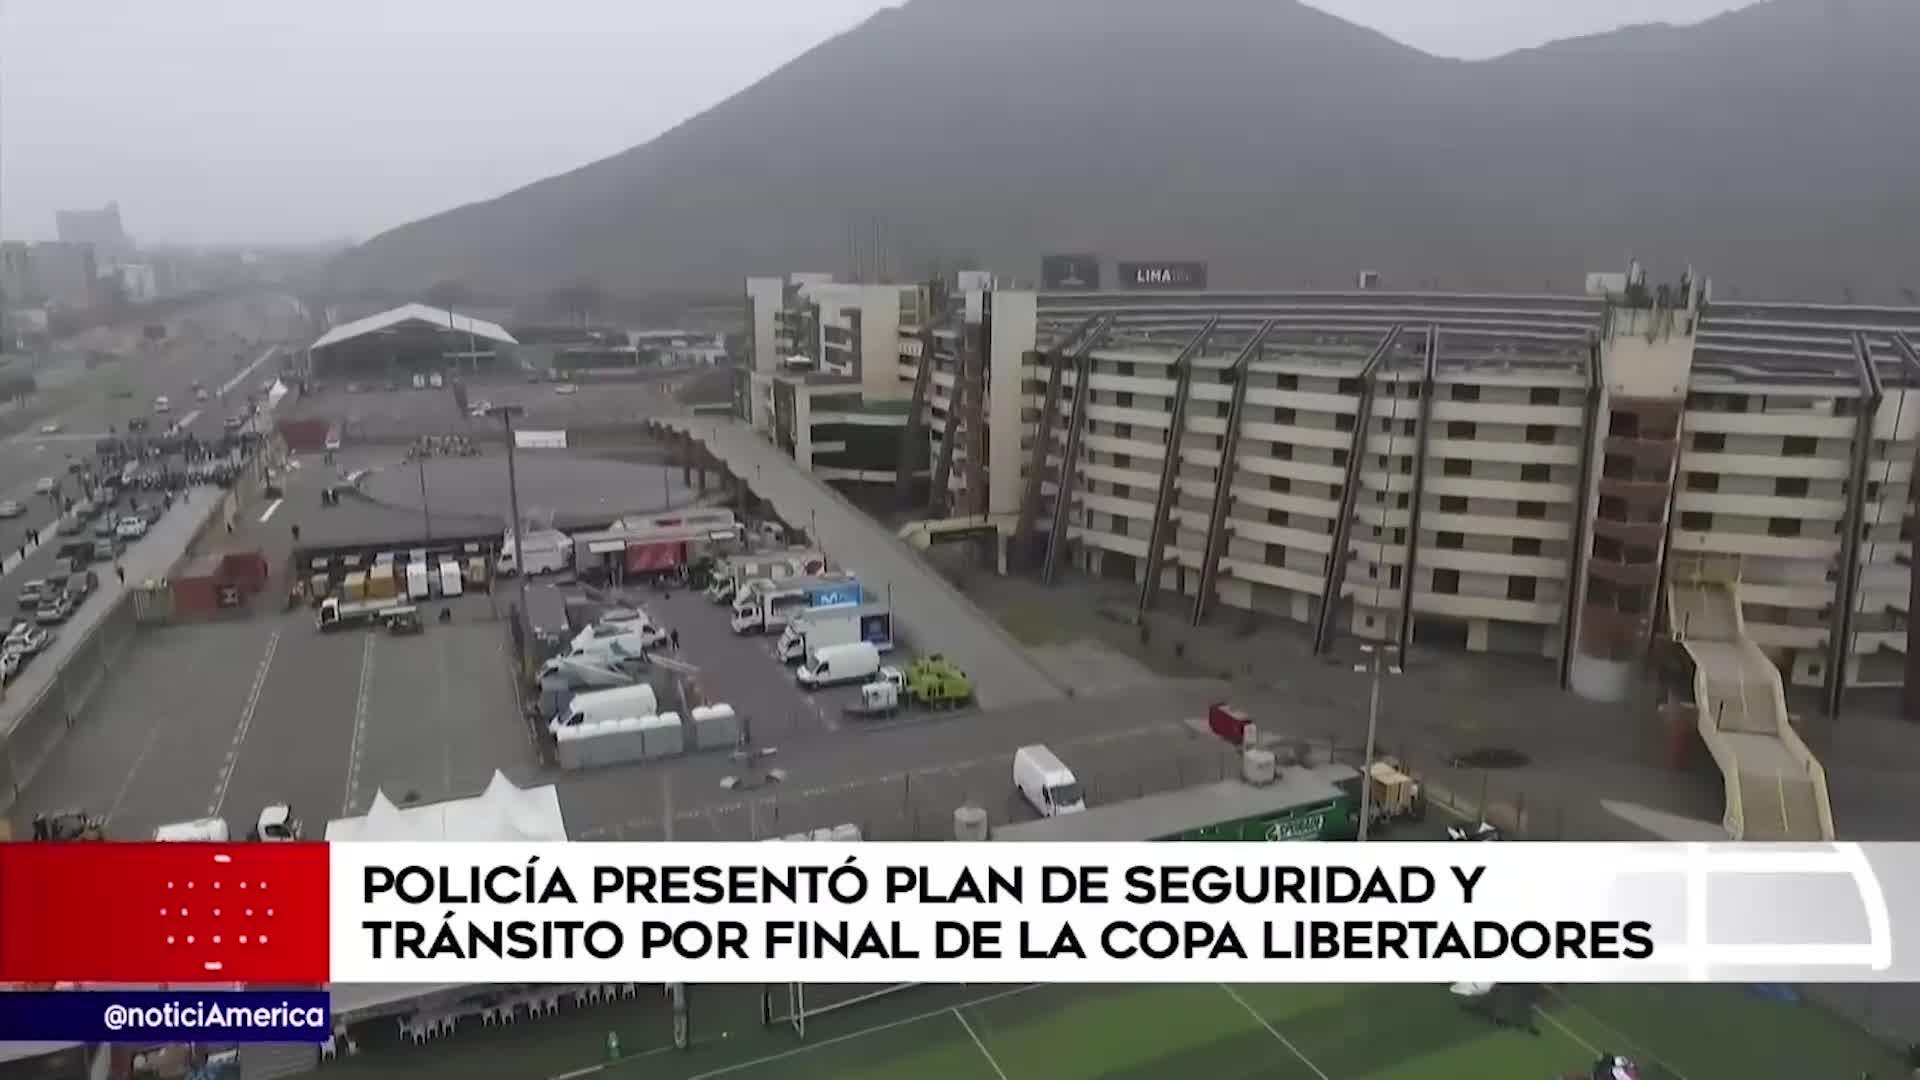 Copa Libertadores 2019: Más de 6 mil policías controlarán la seguridad en los alrededores del Estadio Monumental